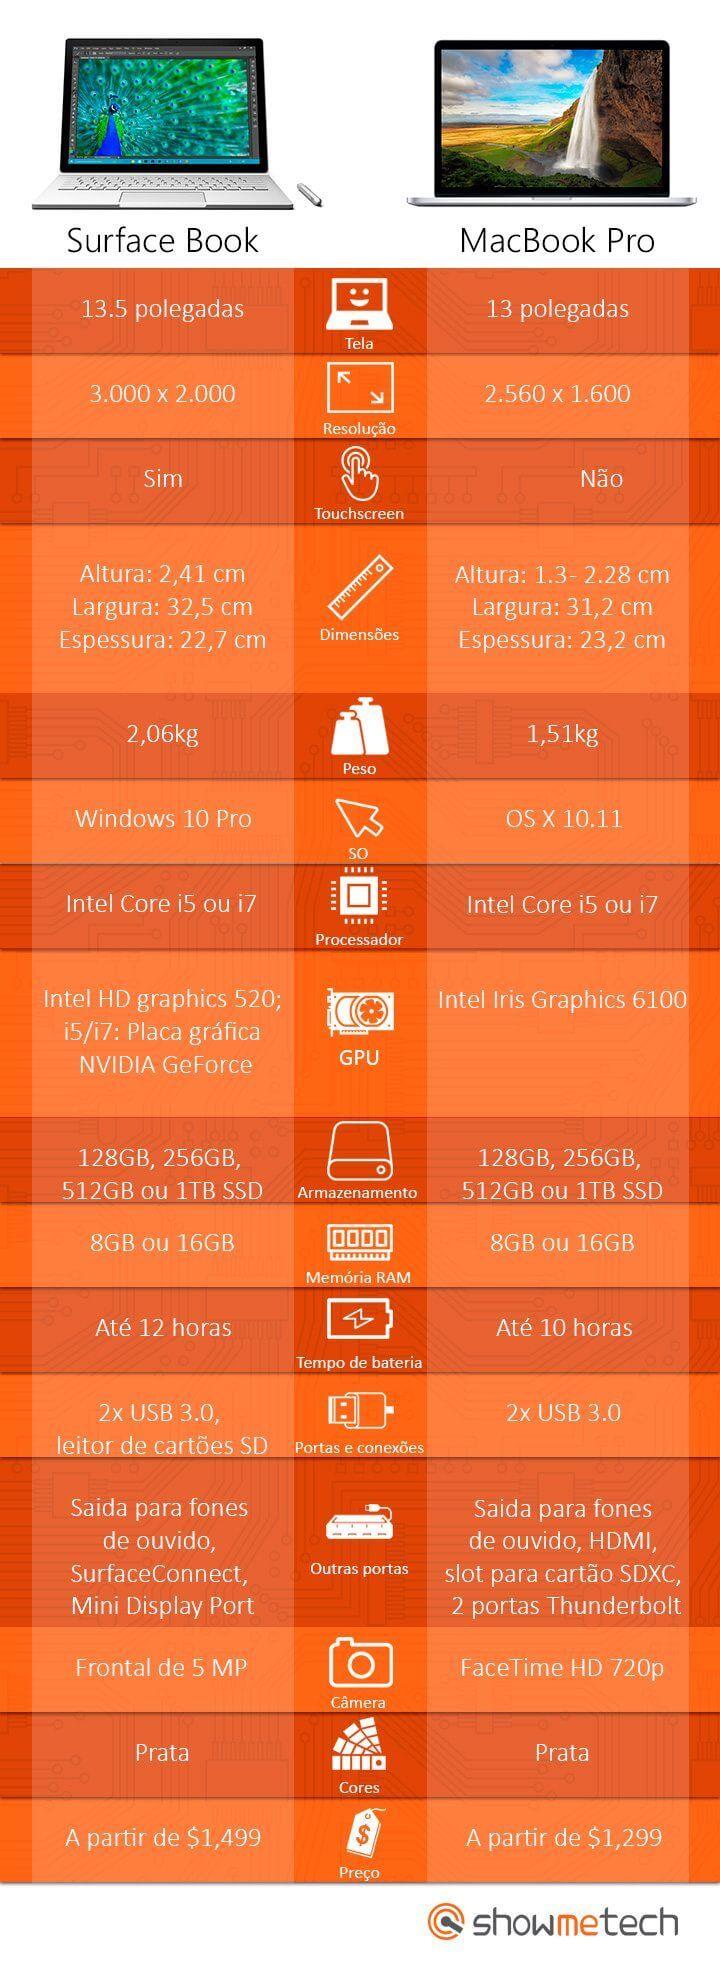 infografico surfacebook mackbook final - Infográfico: Microsoft Surface Book vs. Apple MacBook Pro; Quem ganha essa briga?